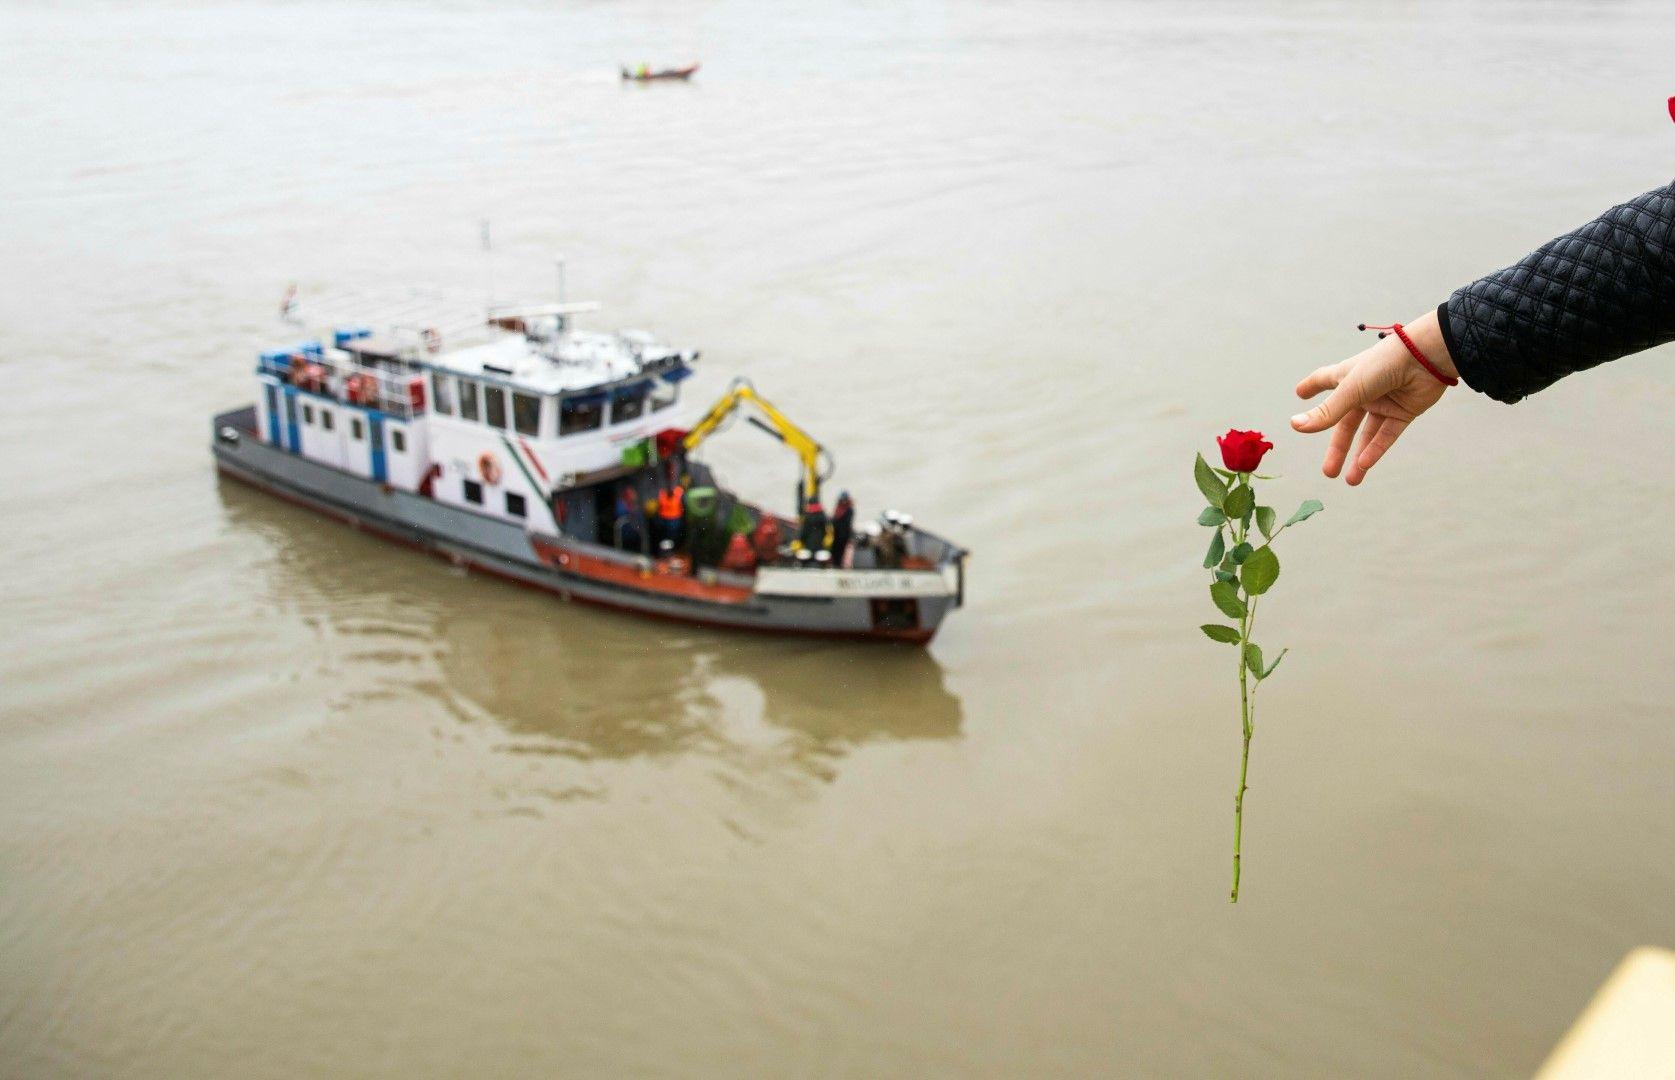 Жена хвърля роза в Дунав от моста Маргит по време на издирвателната операция